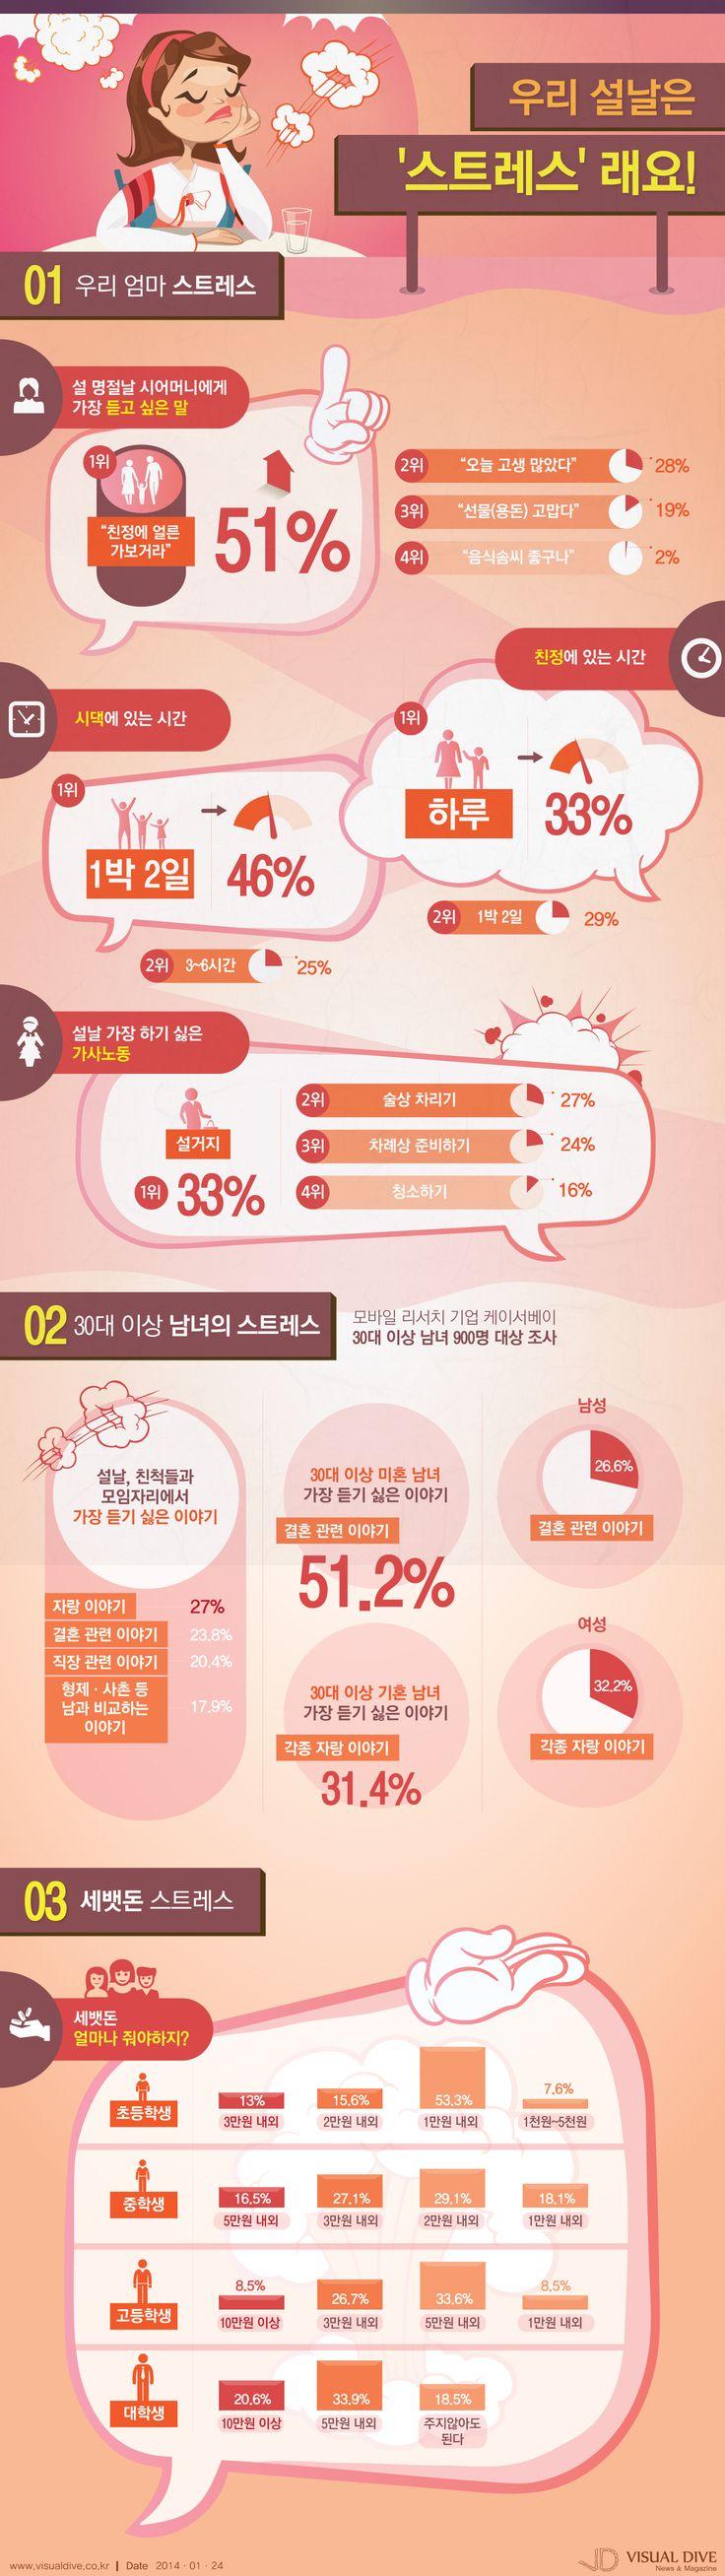 [인포그래픽] 3일 앞으로 다가온 '설날' 스트레스 걱정? #stress / #Infographic ⓒ 비주얼다이브 무단 복사·전재·재배포 금지 -> 흥! 그래서 영어로 못 옮긴다!